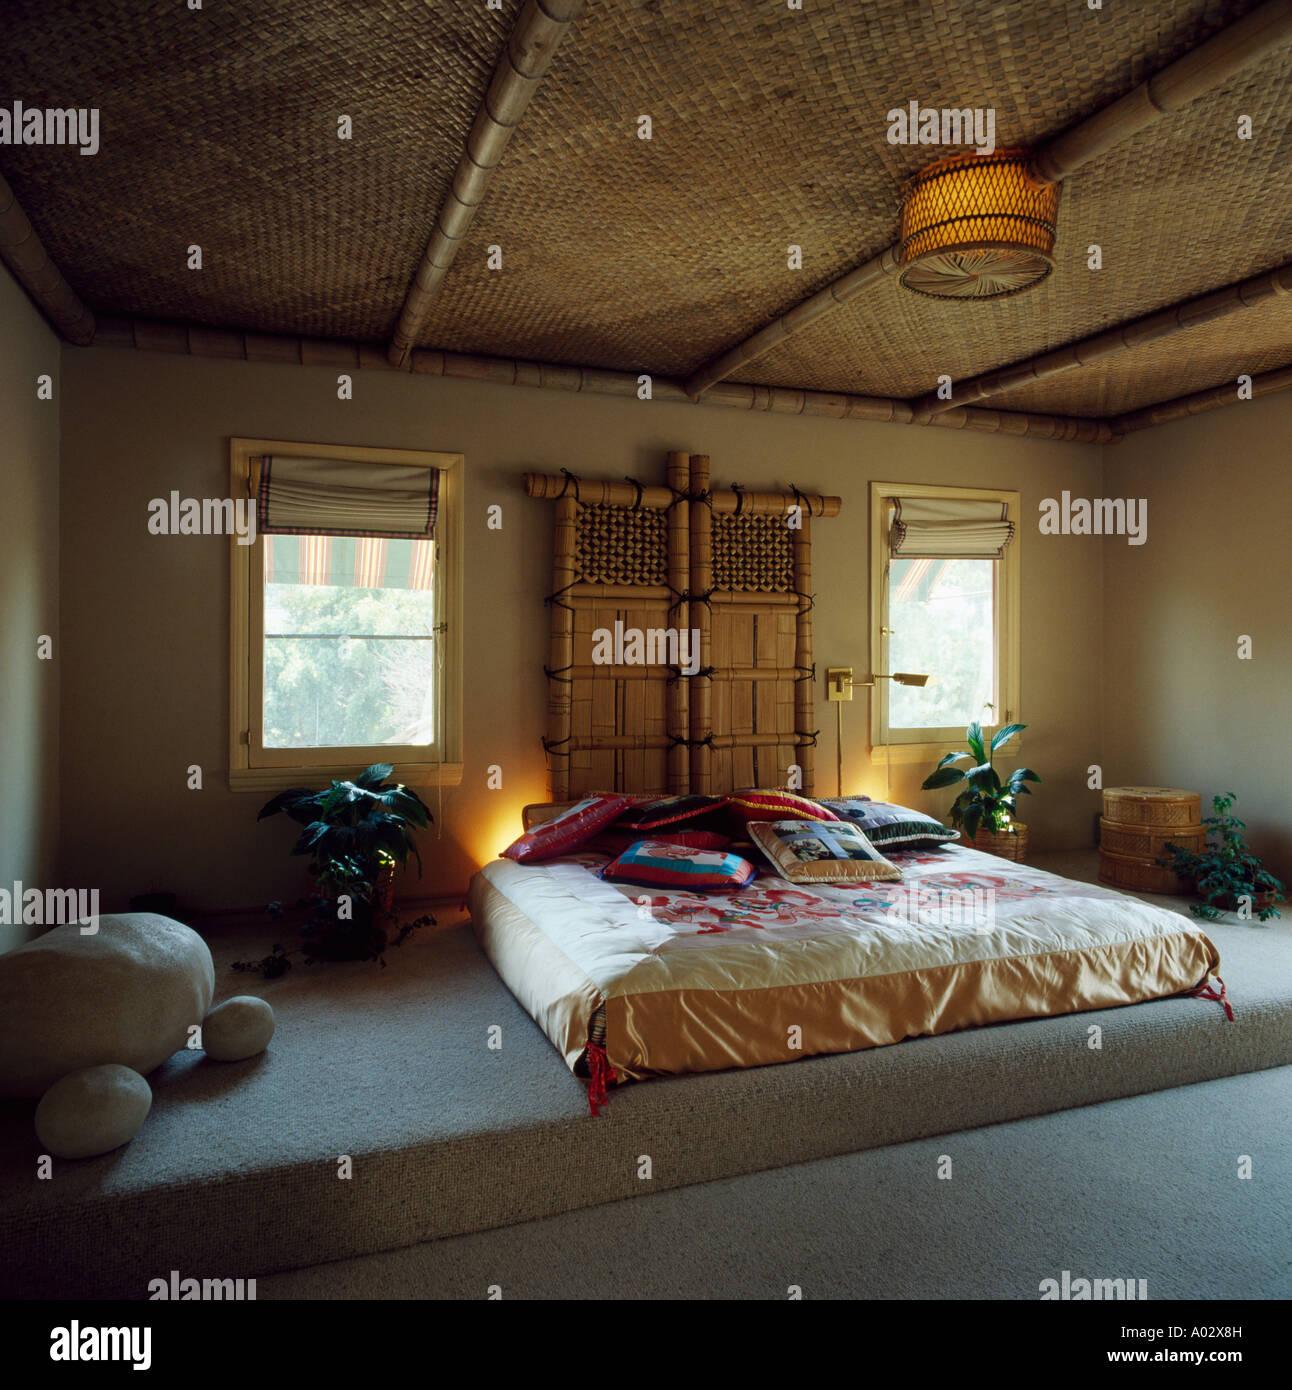 bamboo screen stock photos & bamboo screen stock images - alamy